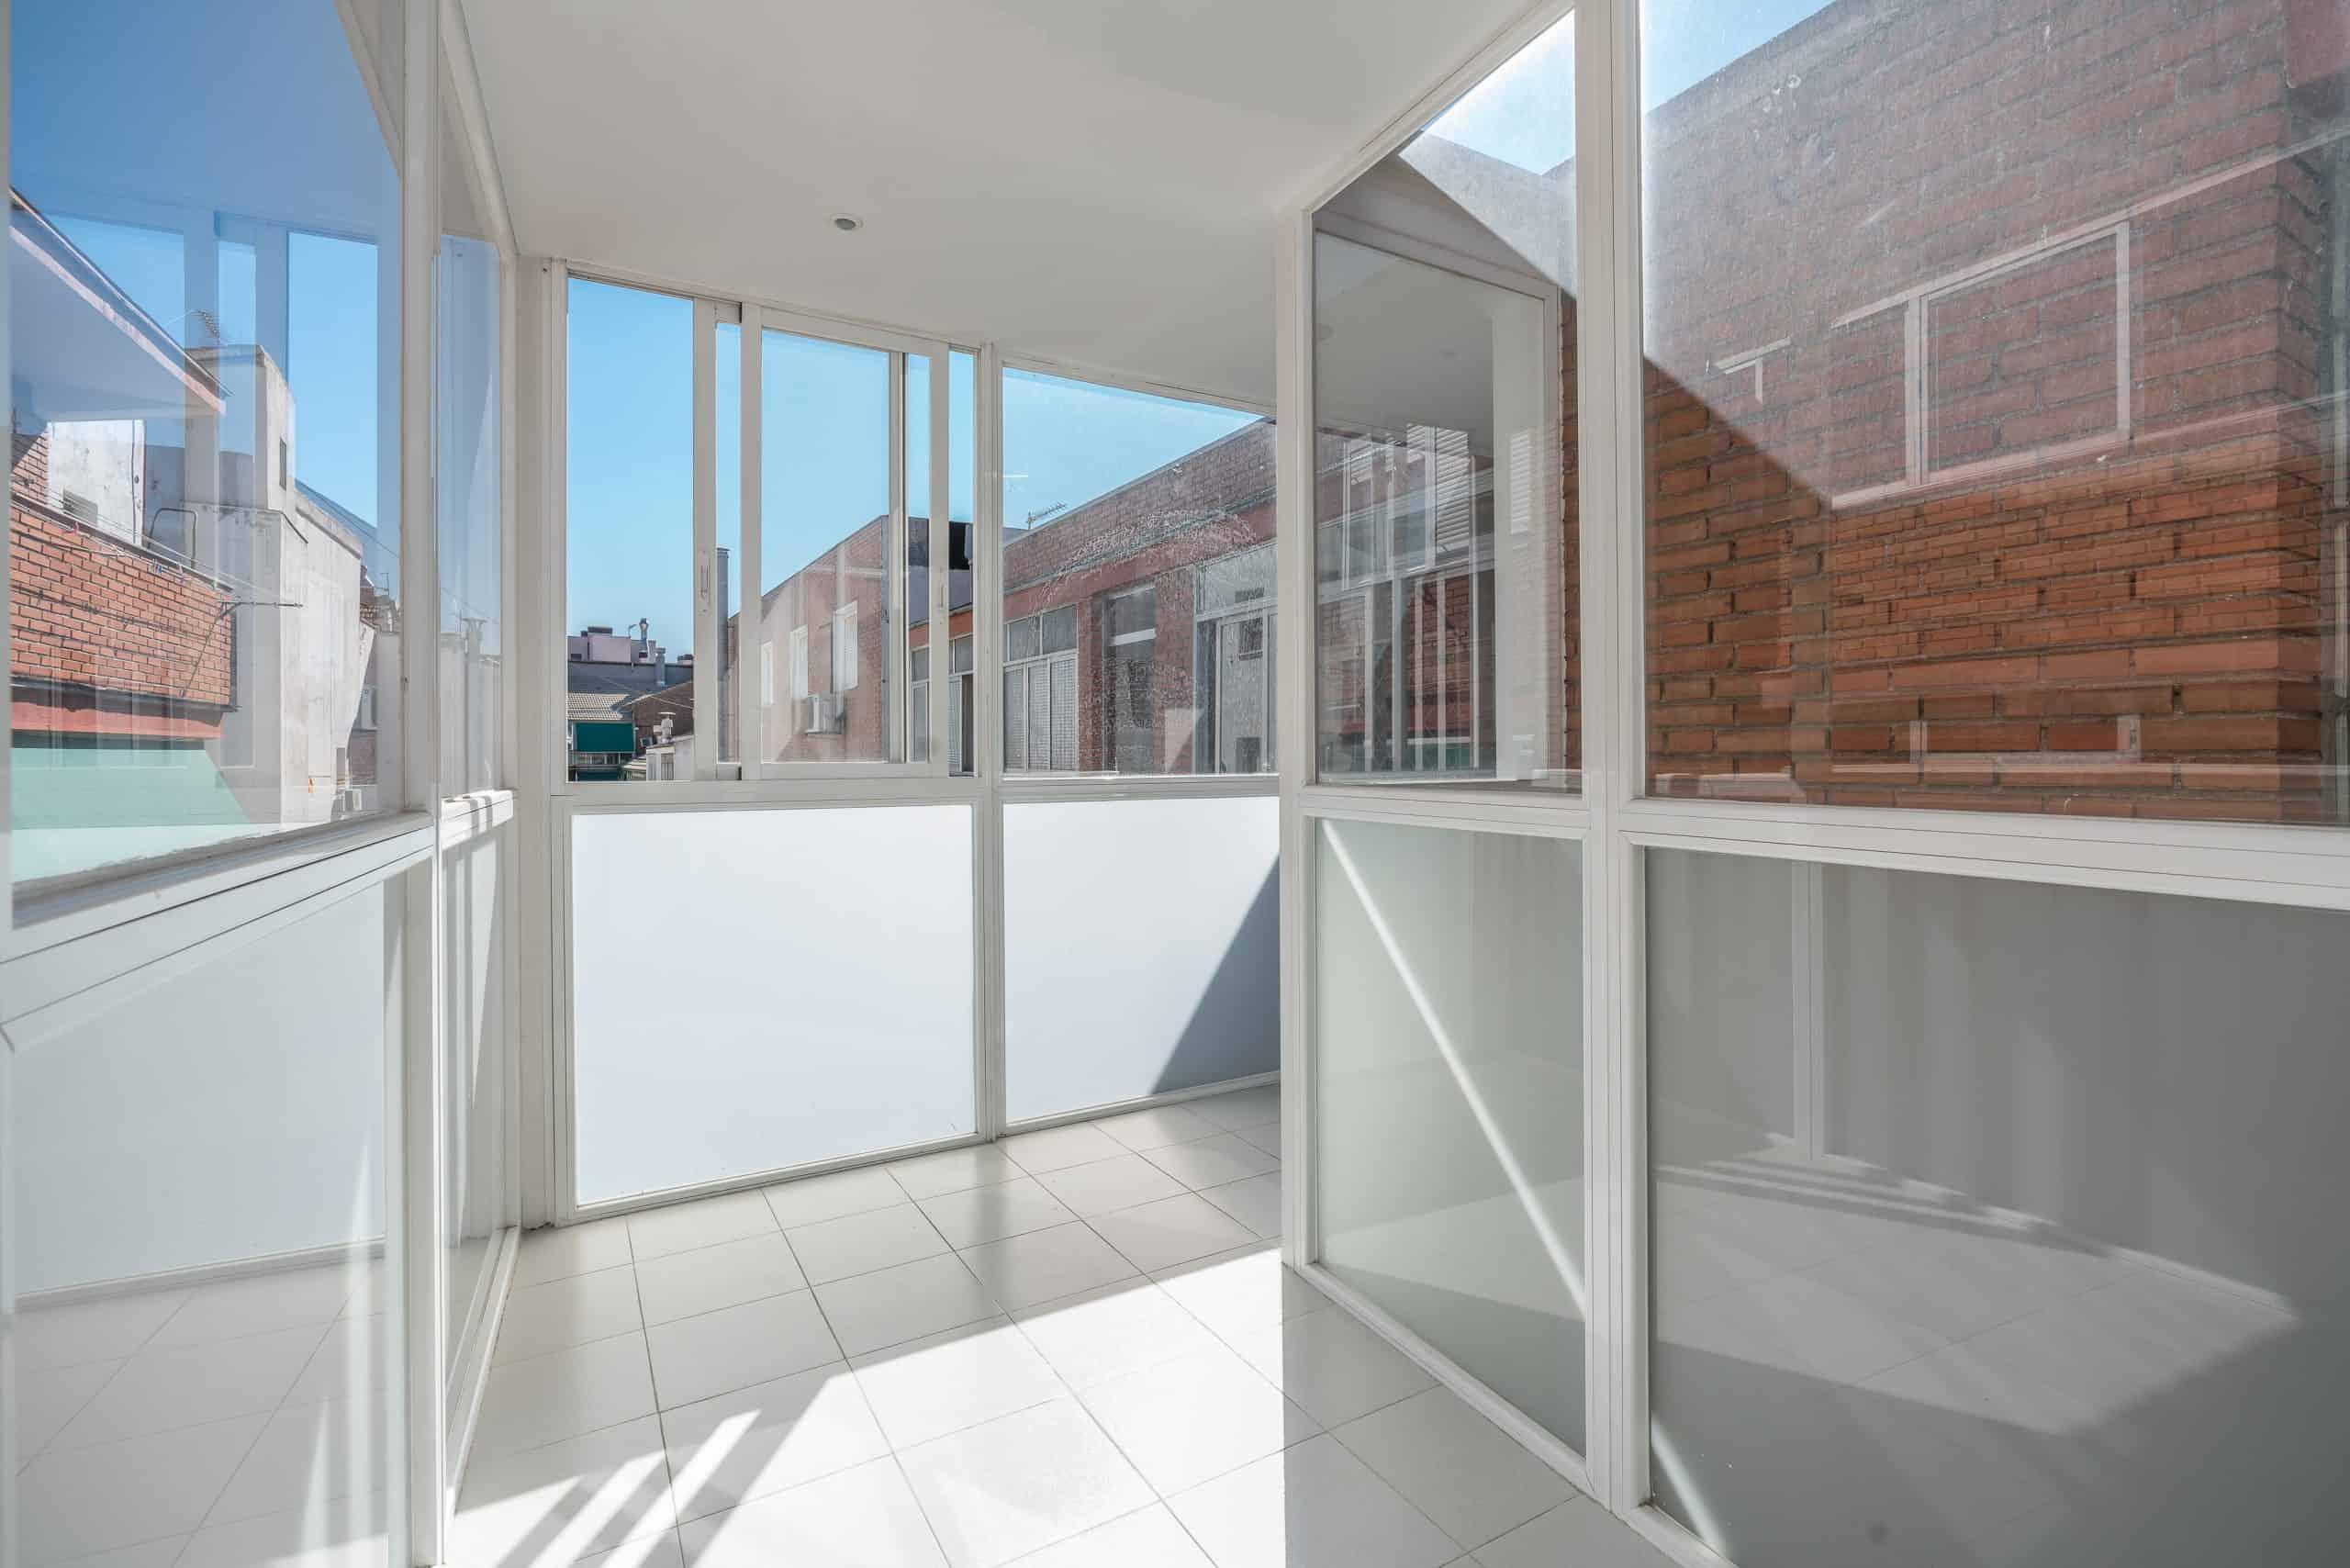 Agencia Inmobiliaria de Madrid-FUTUROCASA-calle Alcala- zonas comunes1